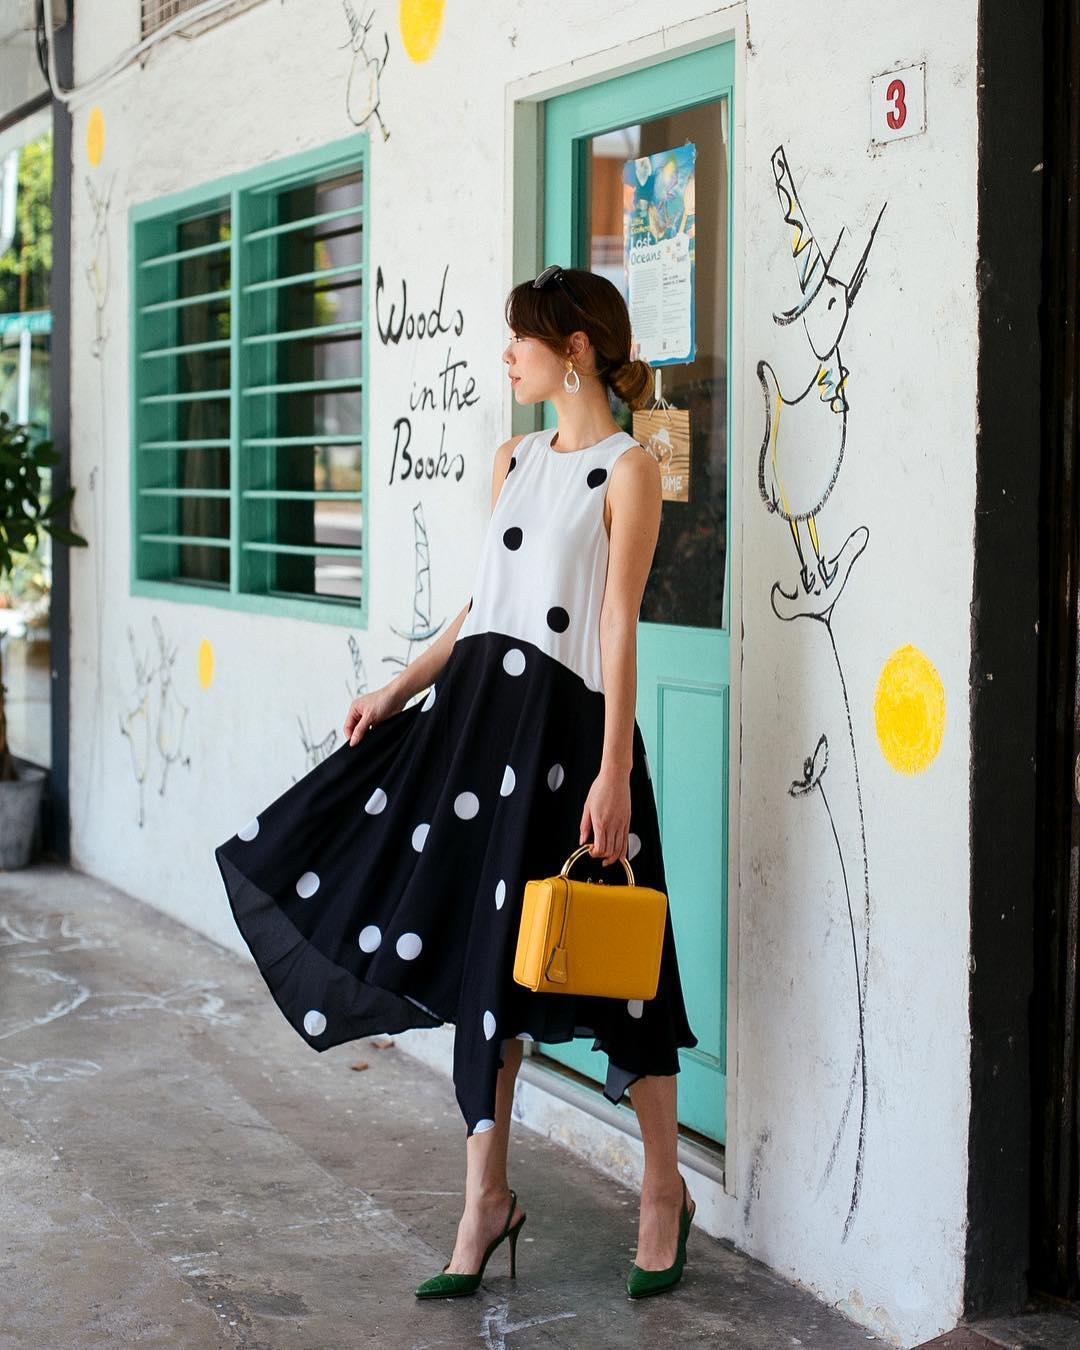 Mặc đẹp cho cung sư tử - Cô gái mặc váy xòe chấm bi trắng đen